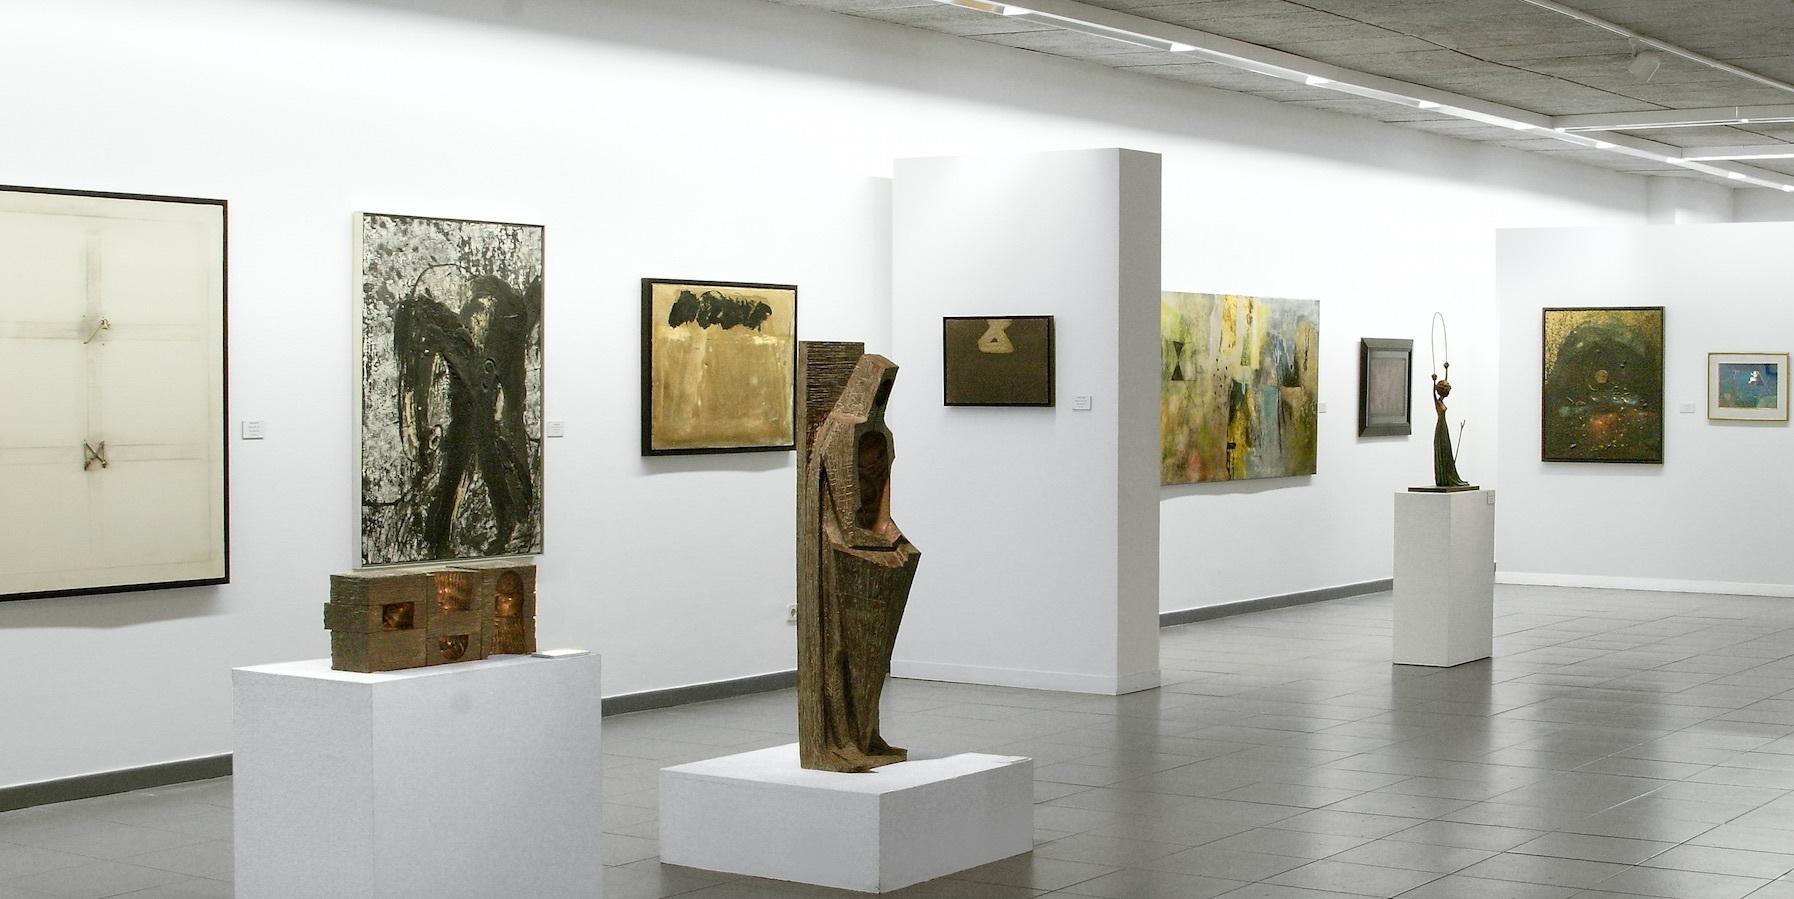 Fundació Fran Daurel